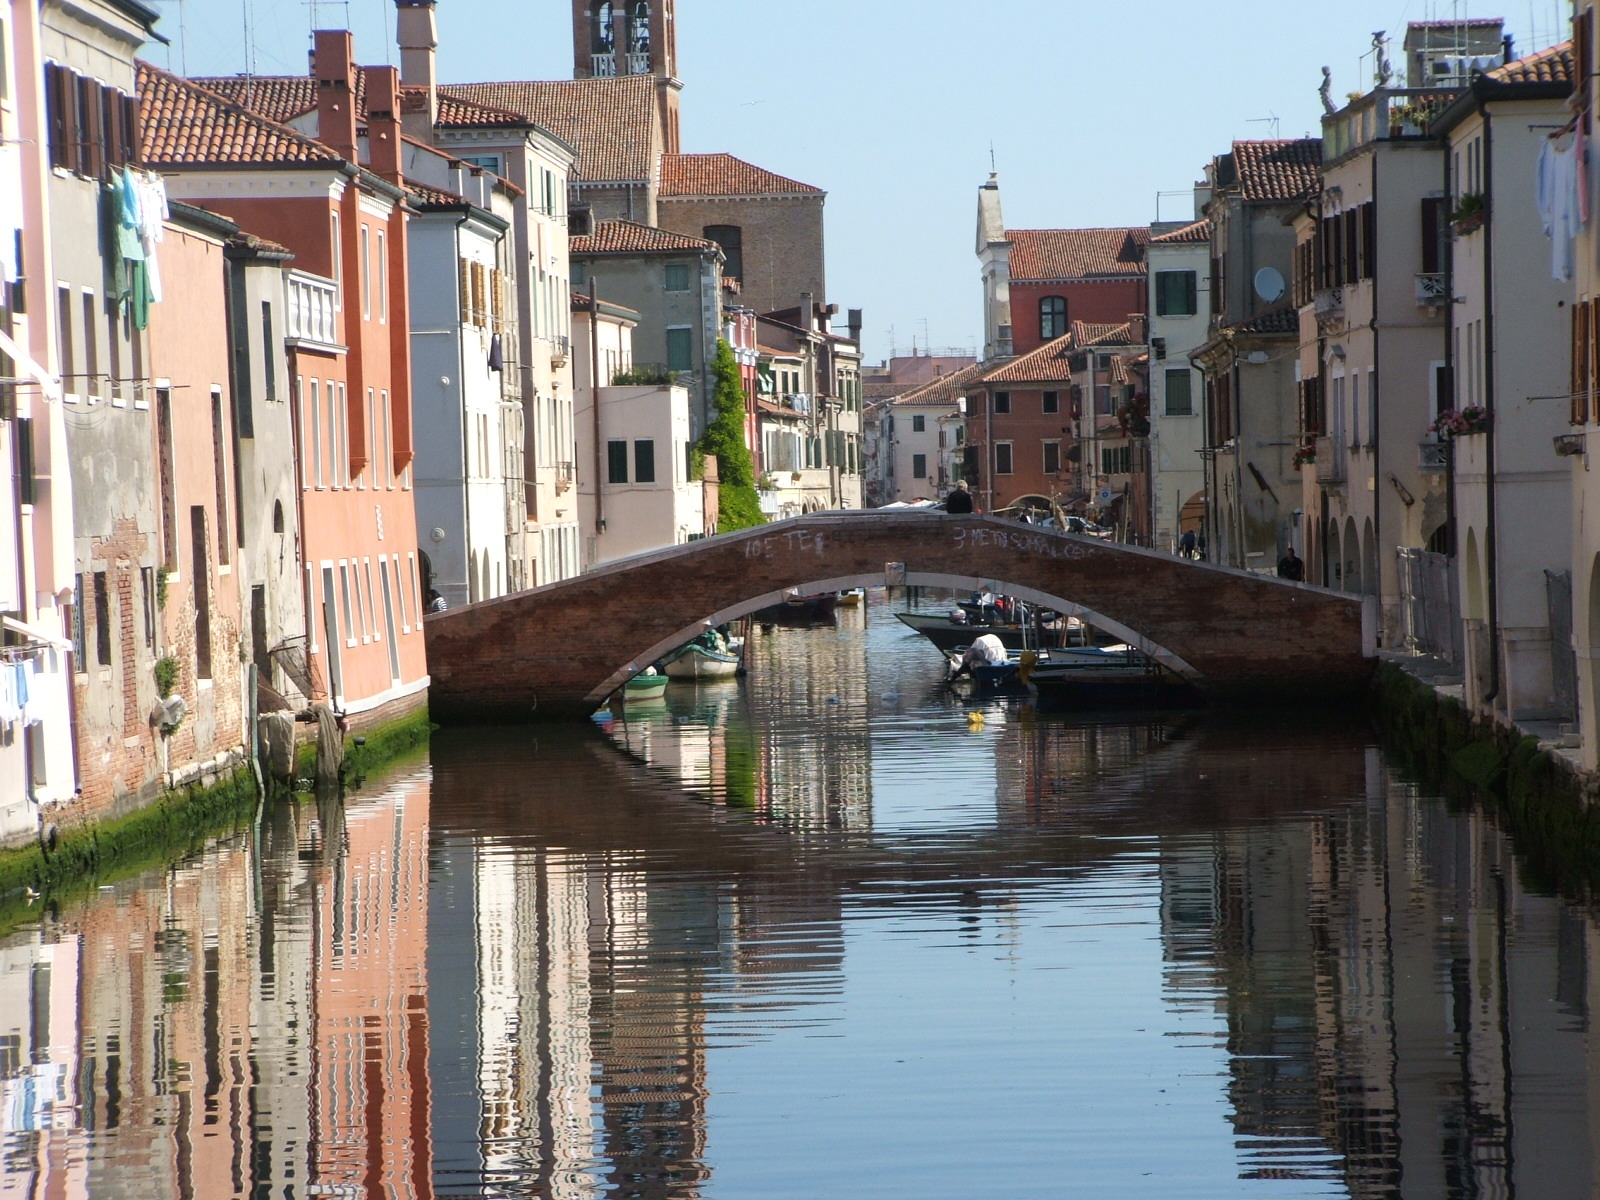 Noleggio Barche Chioggia - Navalia | Noleggia un Sogno